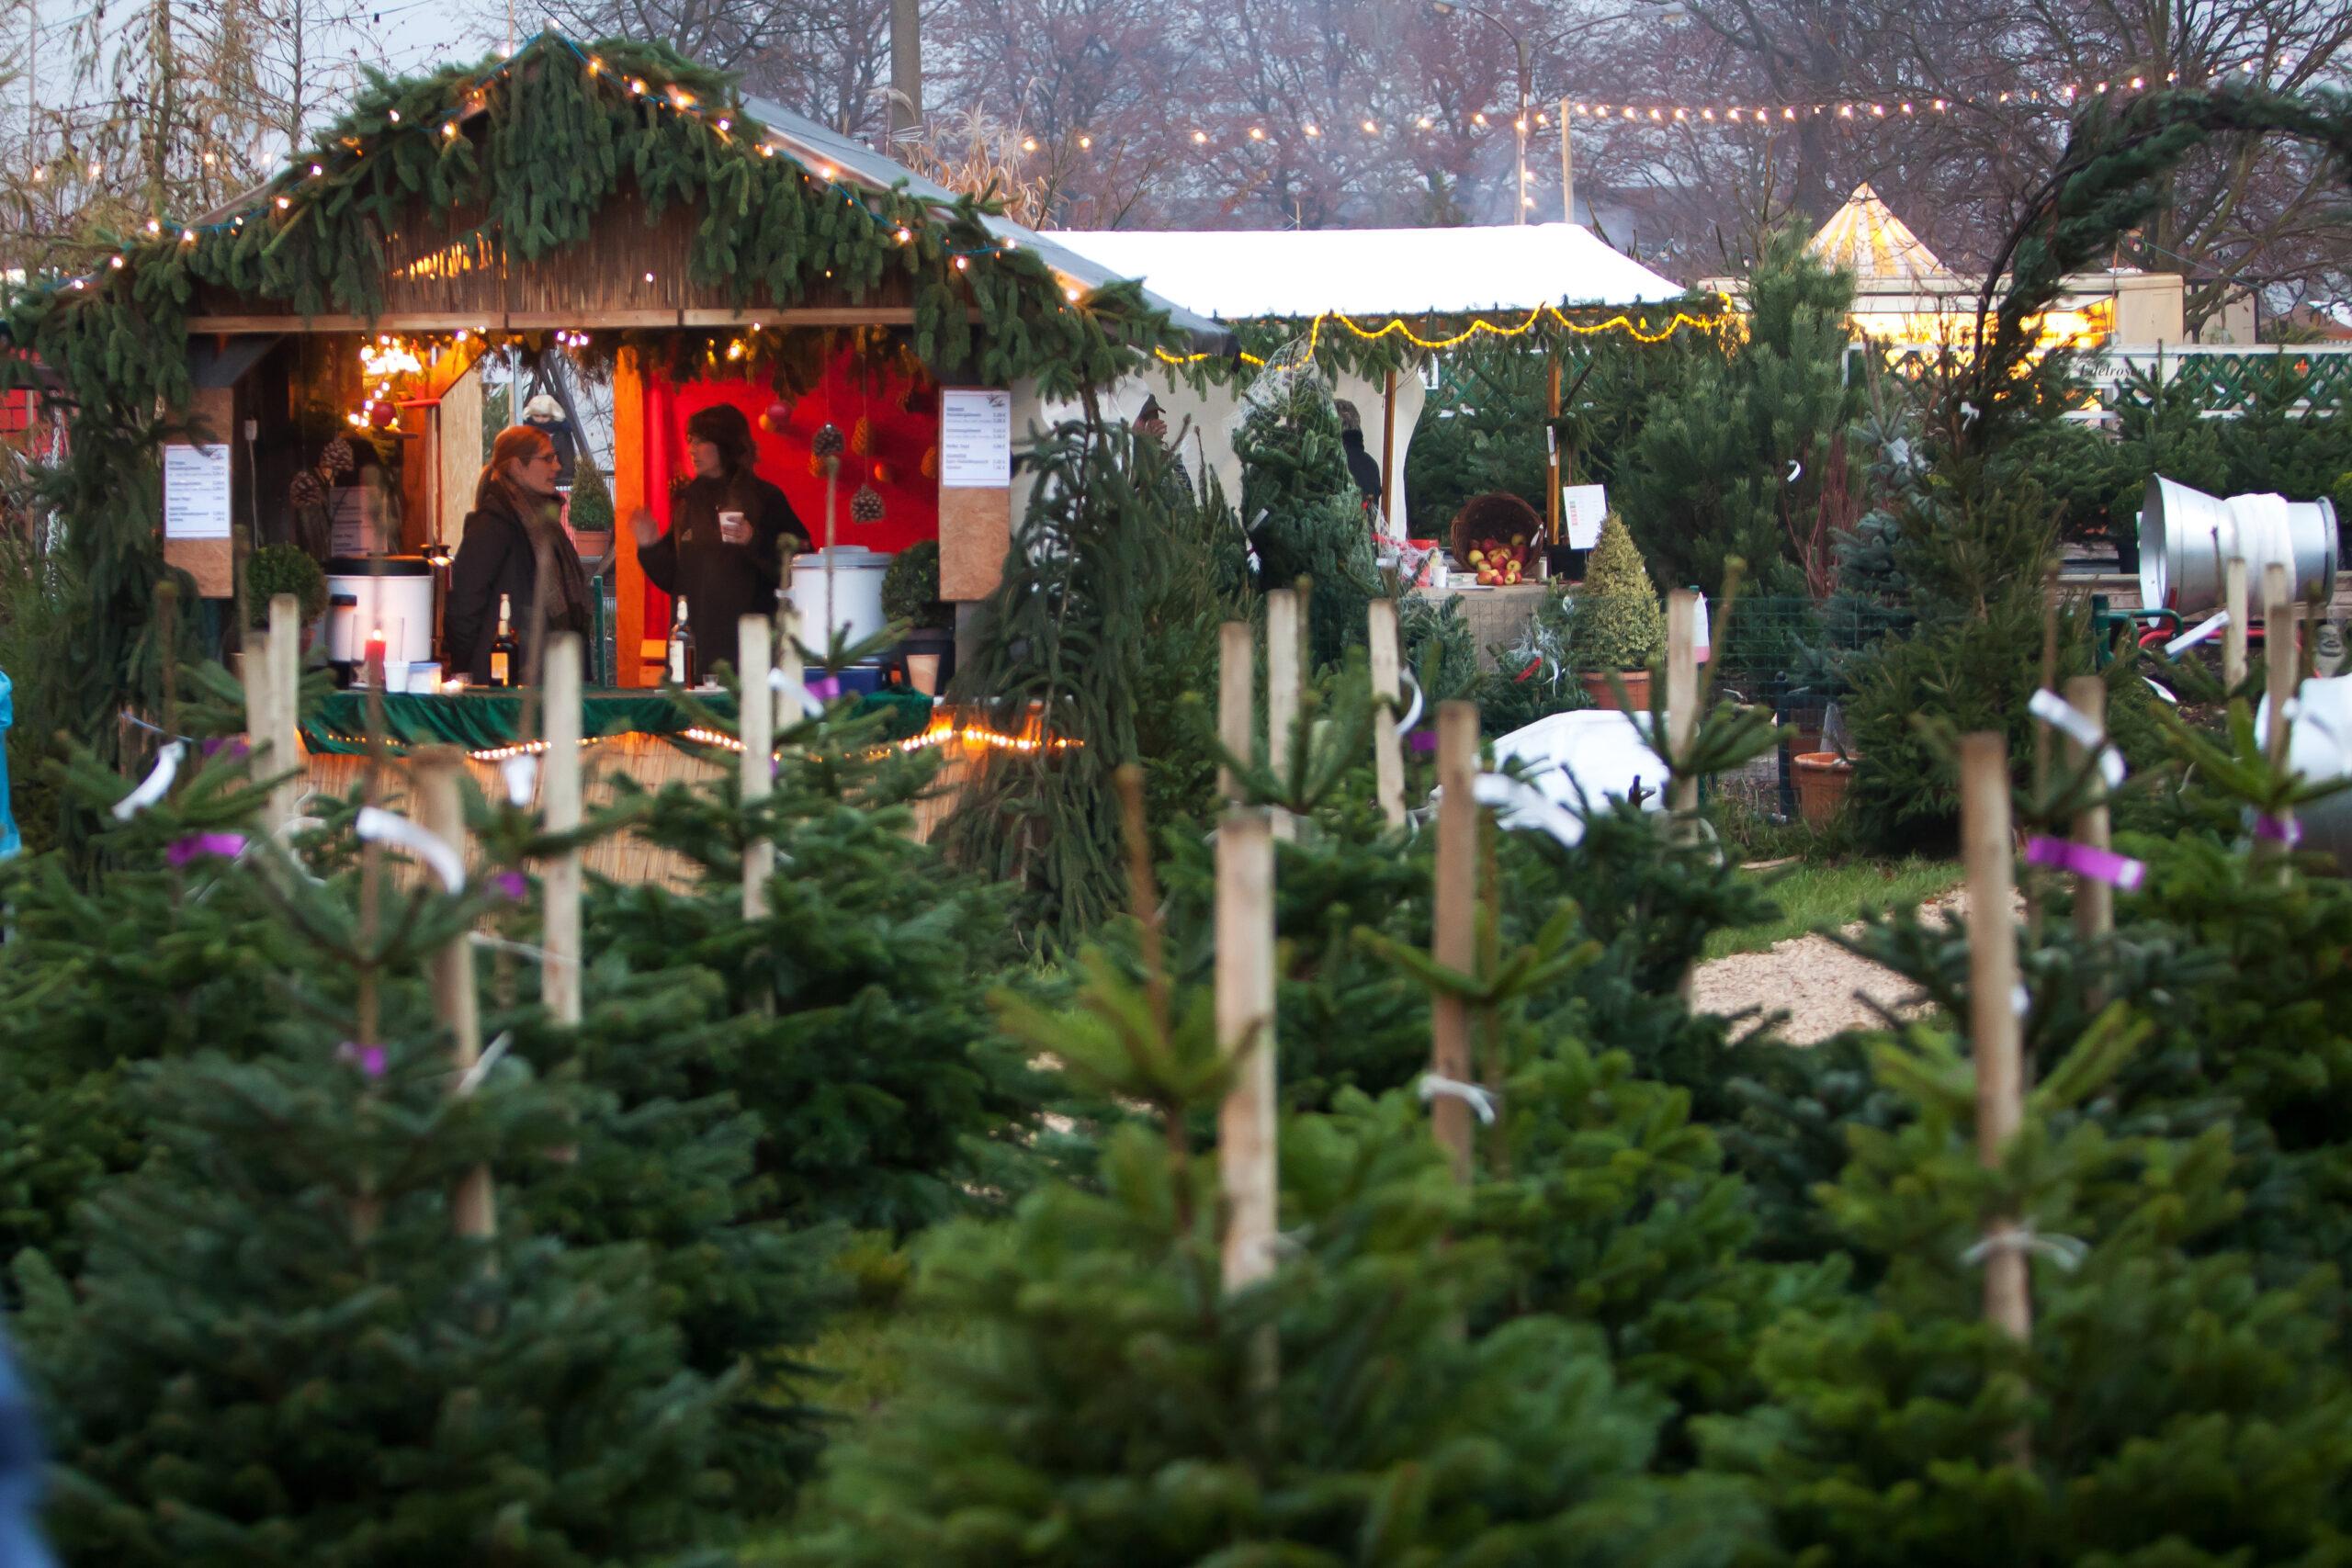 Weihnachtsbaumwald mit Glühwein-Verkauf im Hintergrund